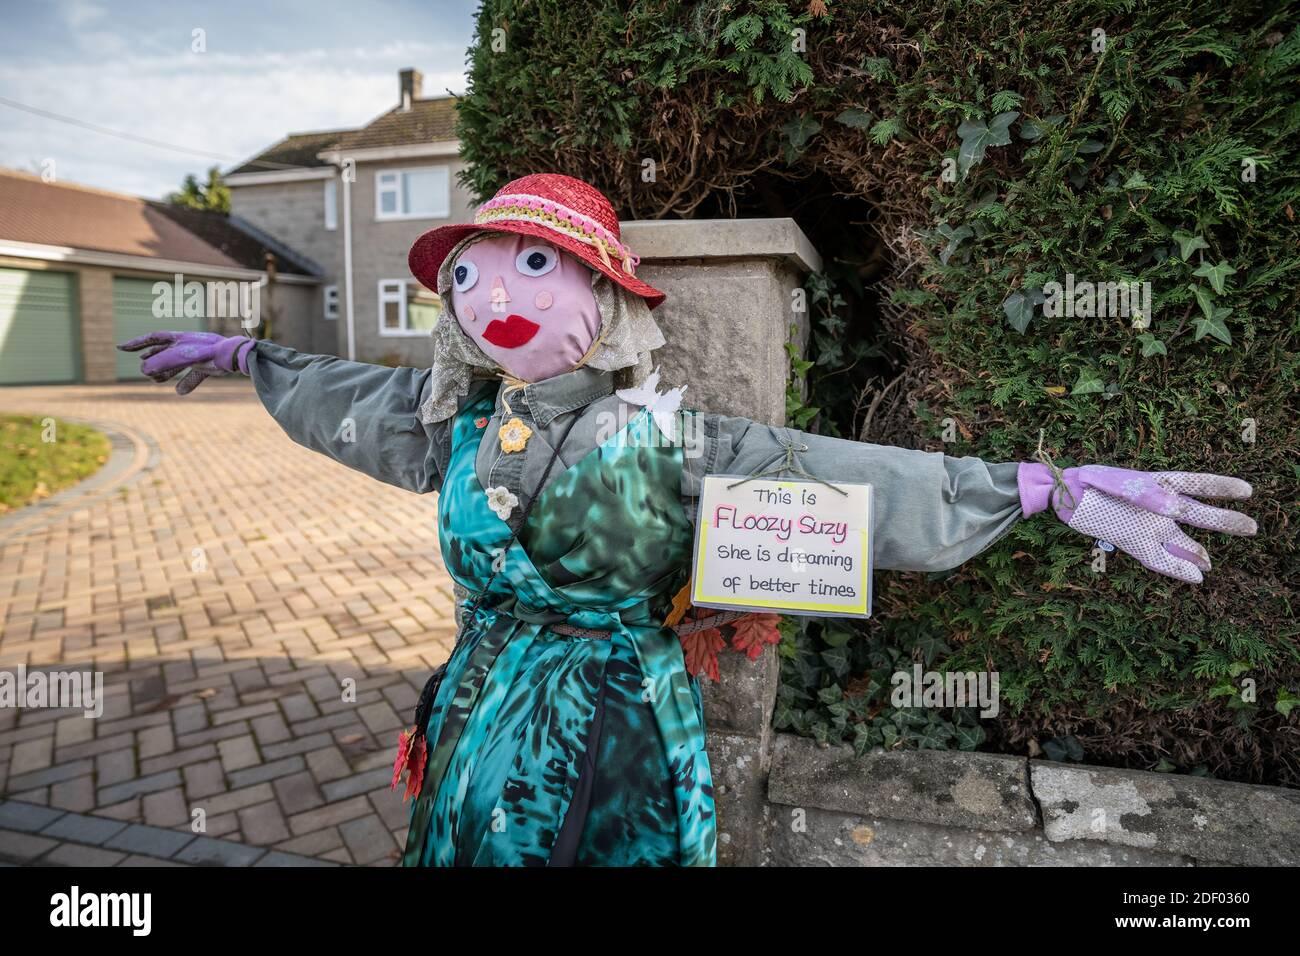 Coronavirus: Lockdown Vogelscheuche Charaktere bringen einige lokale hausgemachte Humor in die Stadt Marston Magna in Somerset, Großbritannien. Stockfoto